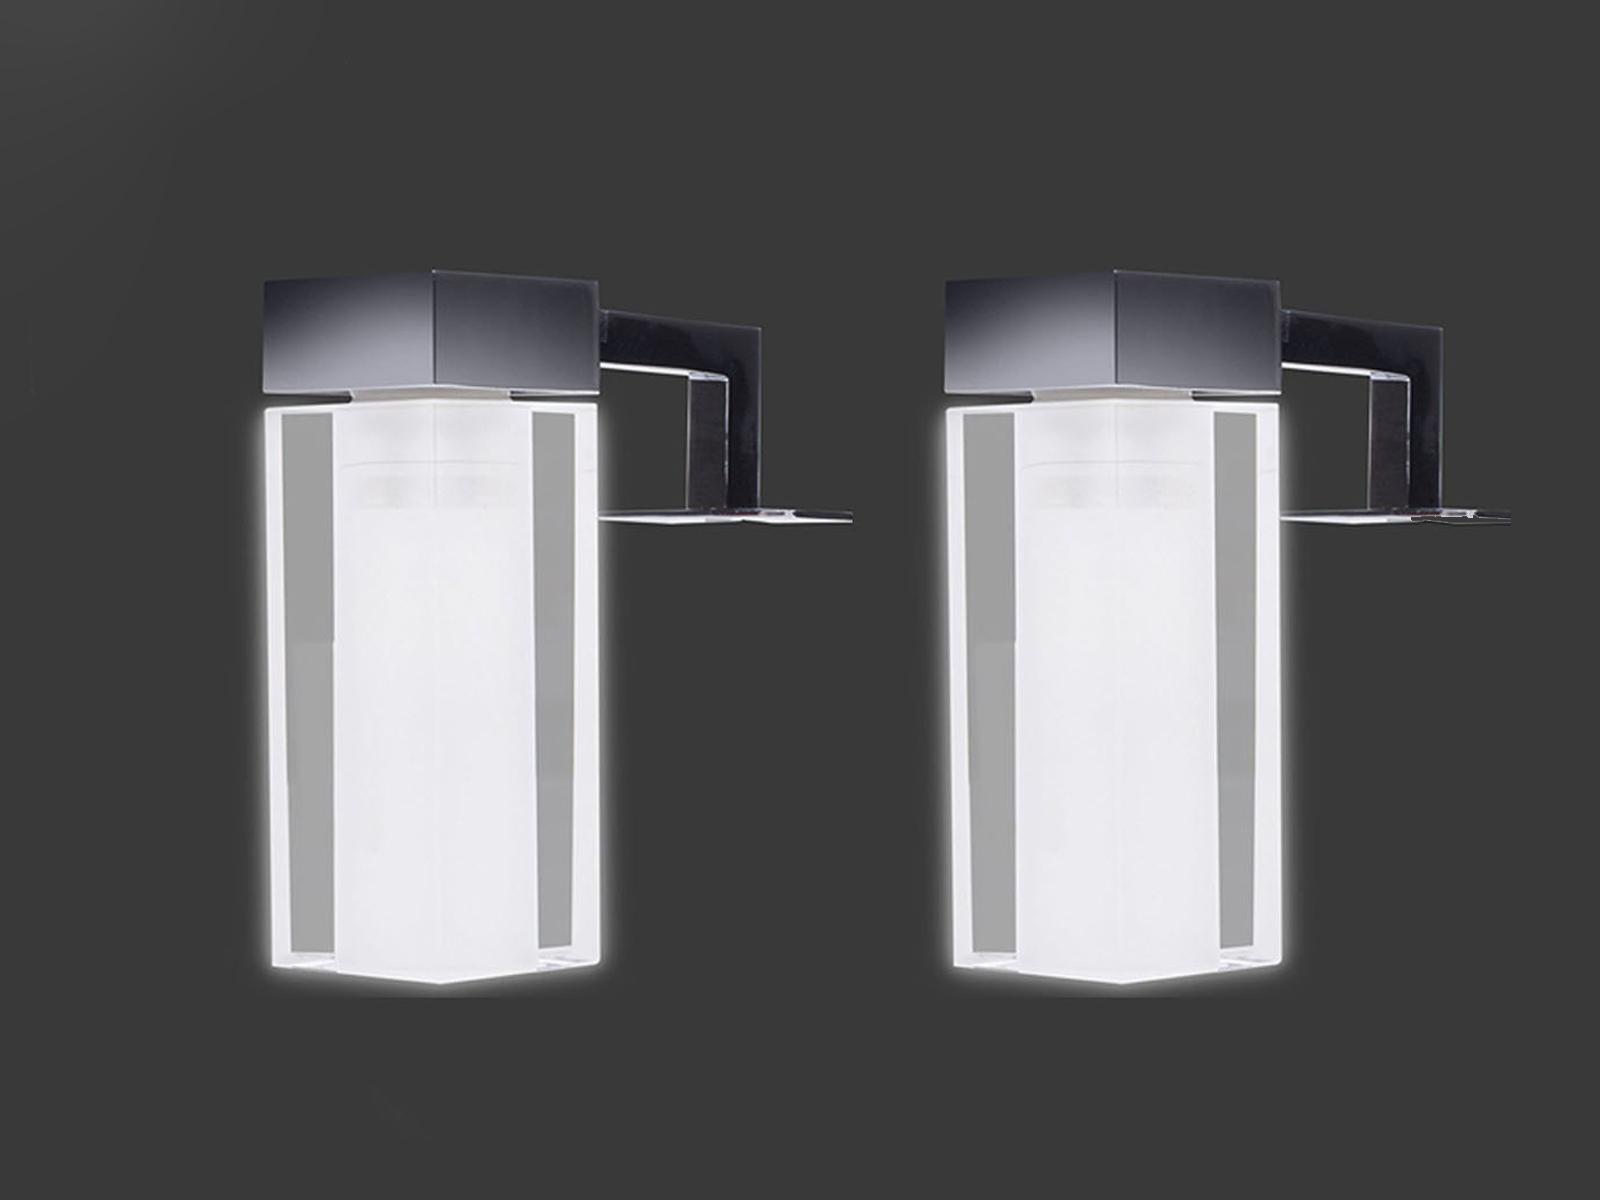 2x Badezimmer Spielleuchten mit LED, Lampenschirme Glas Beleuchtung ...